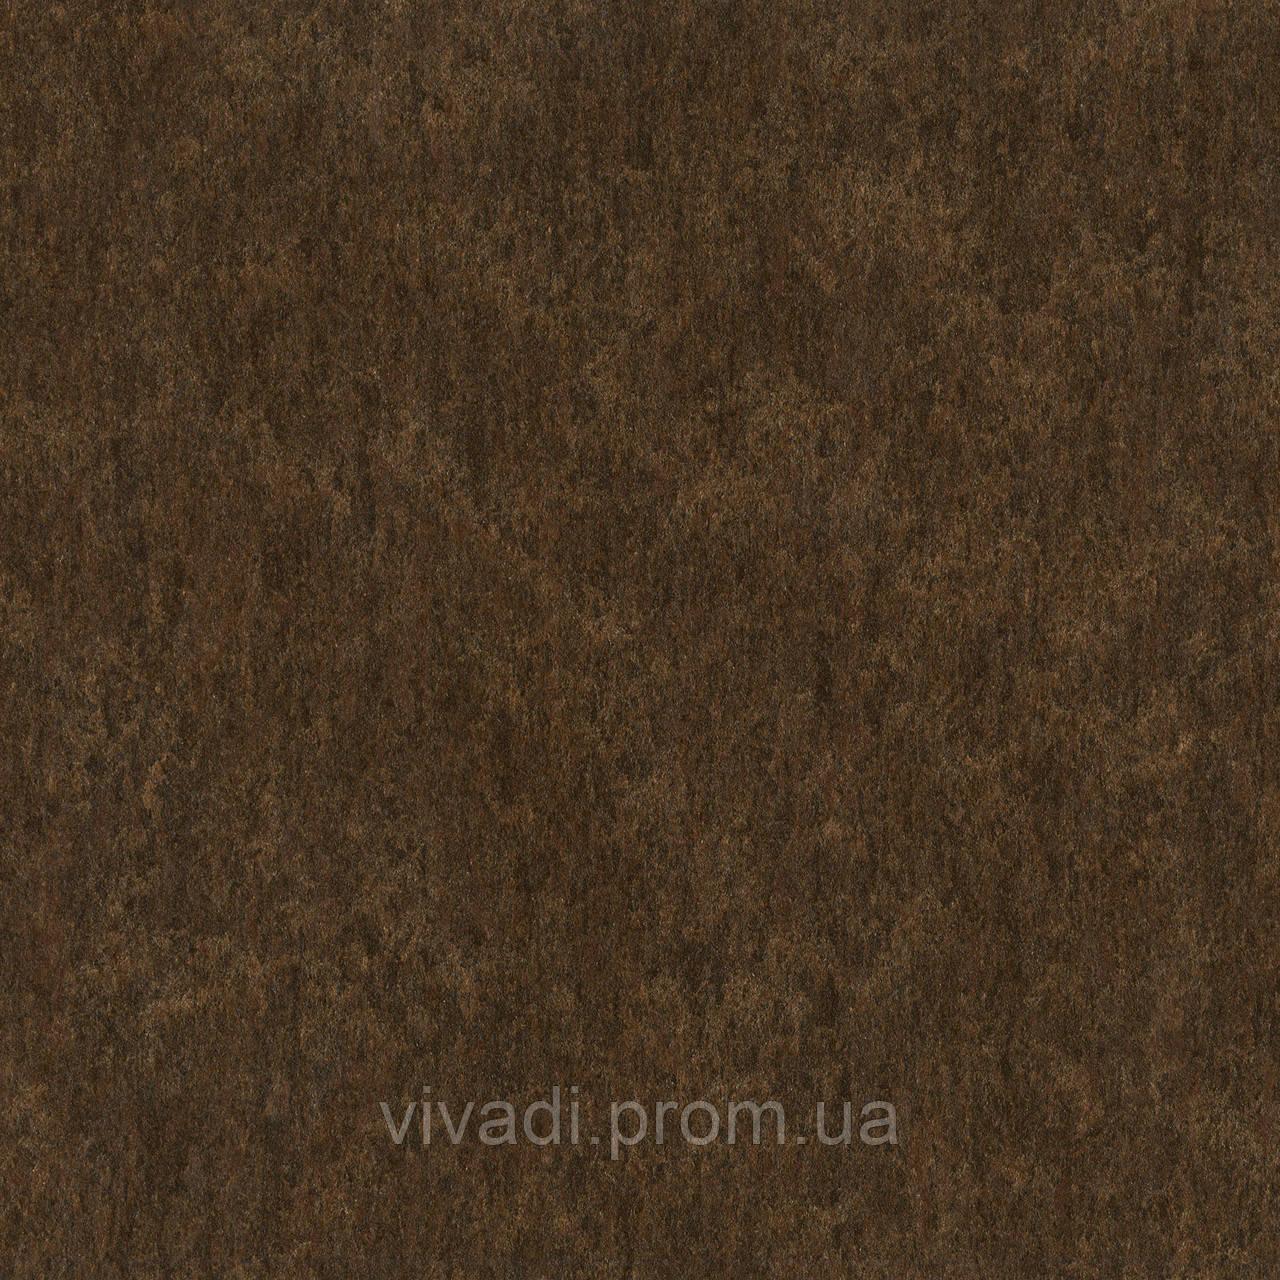 Натуральний лінолеум Lino Art Bronce LPX - колір 212-060